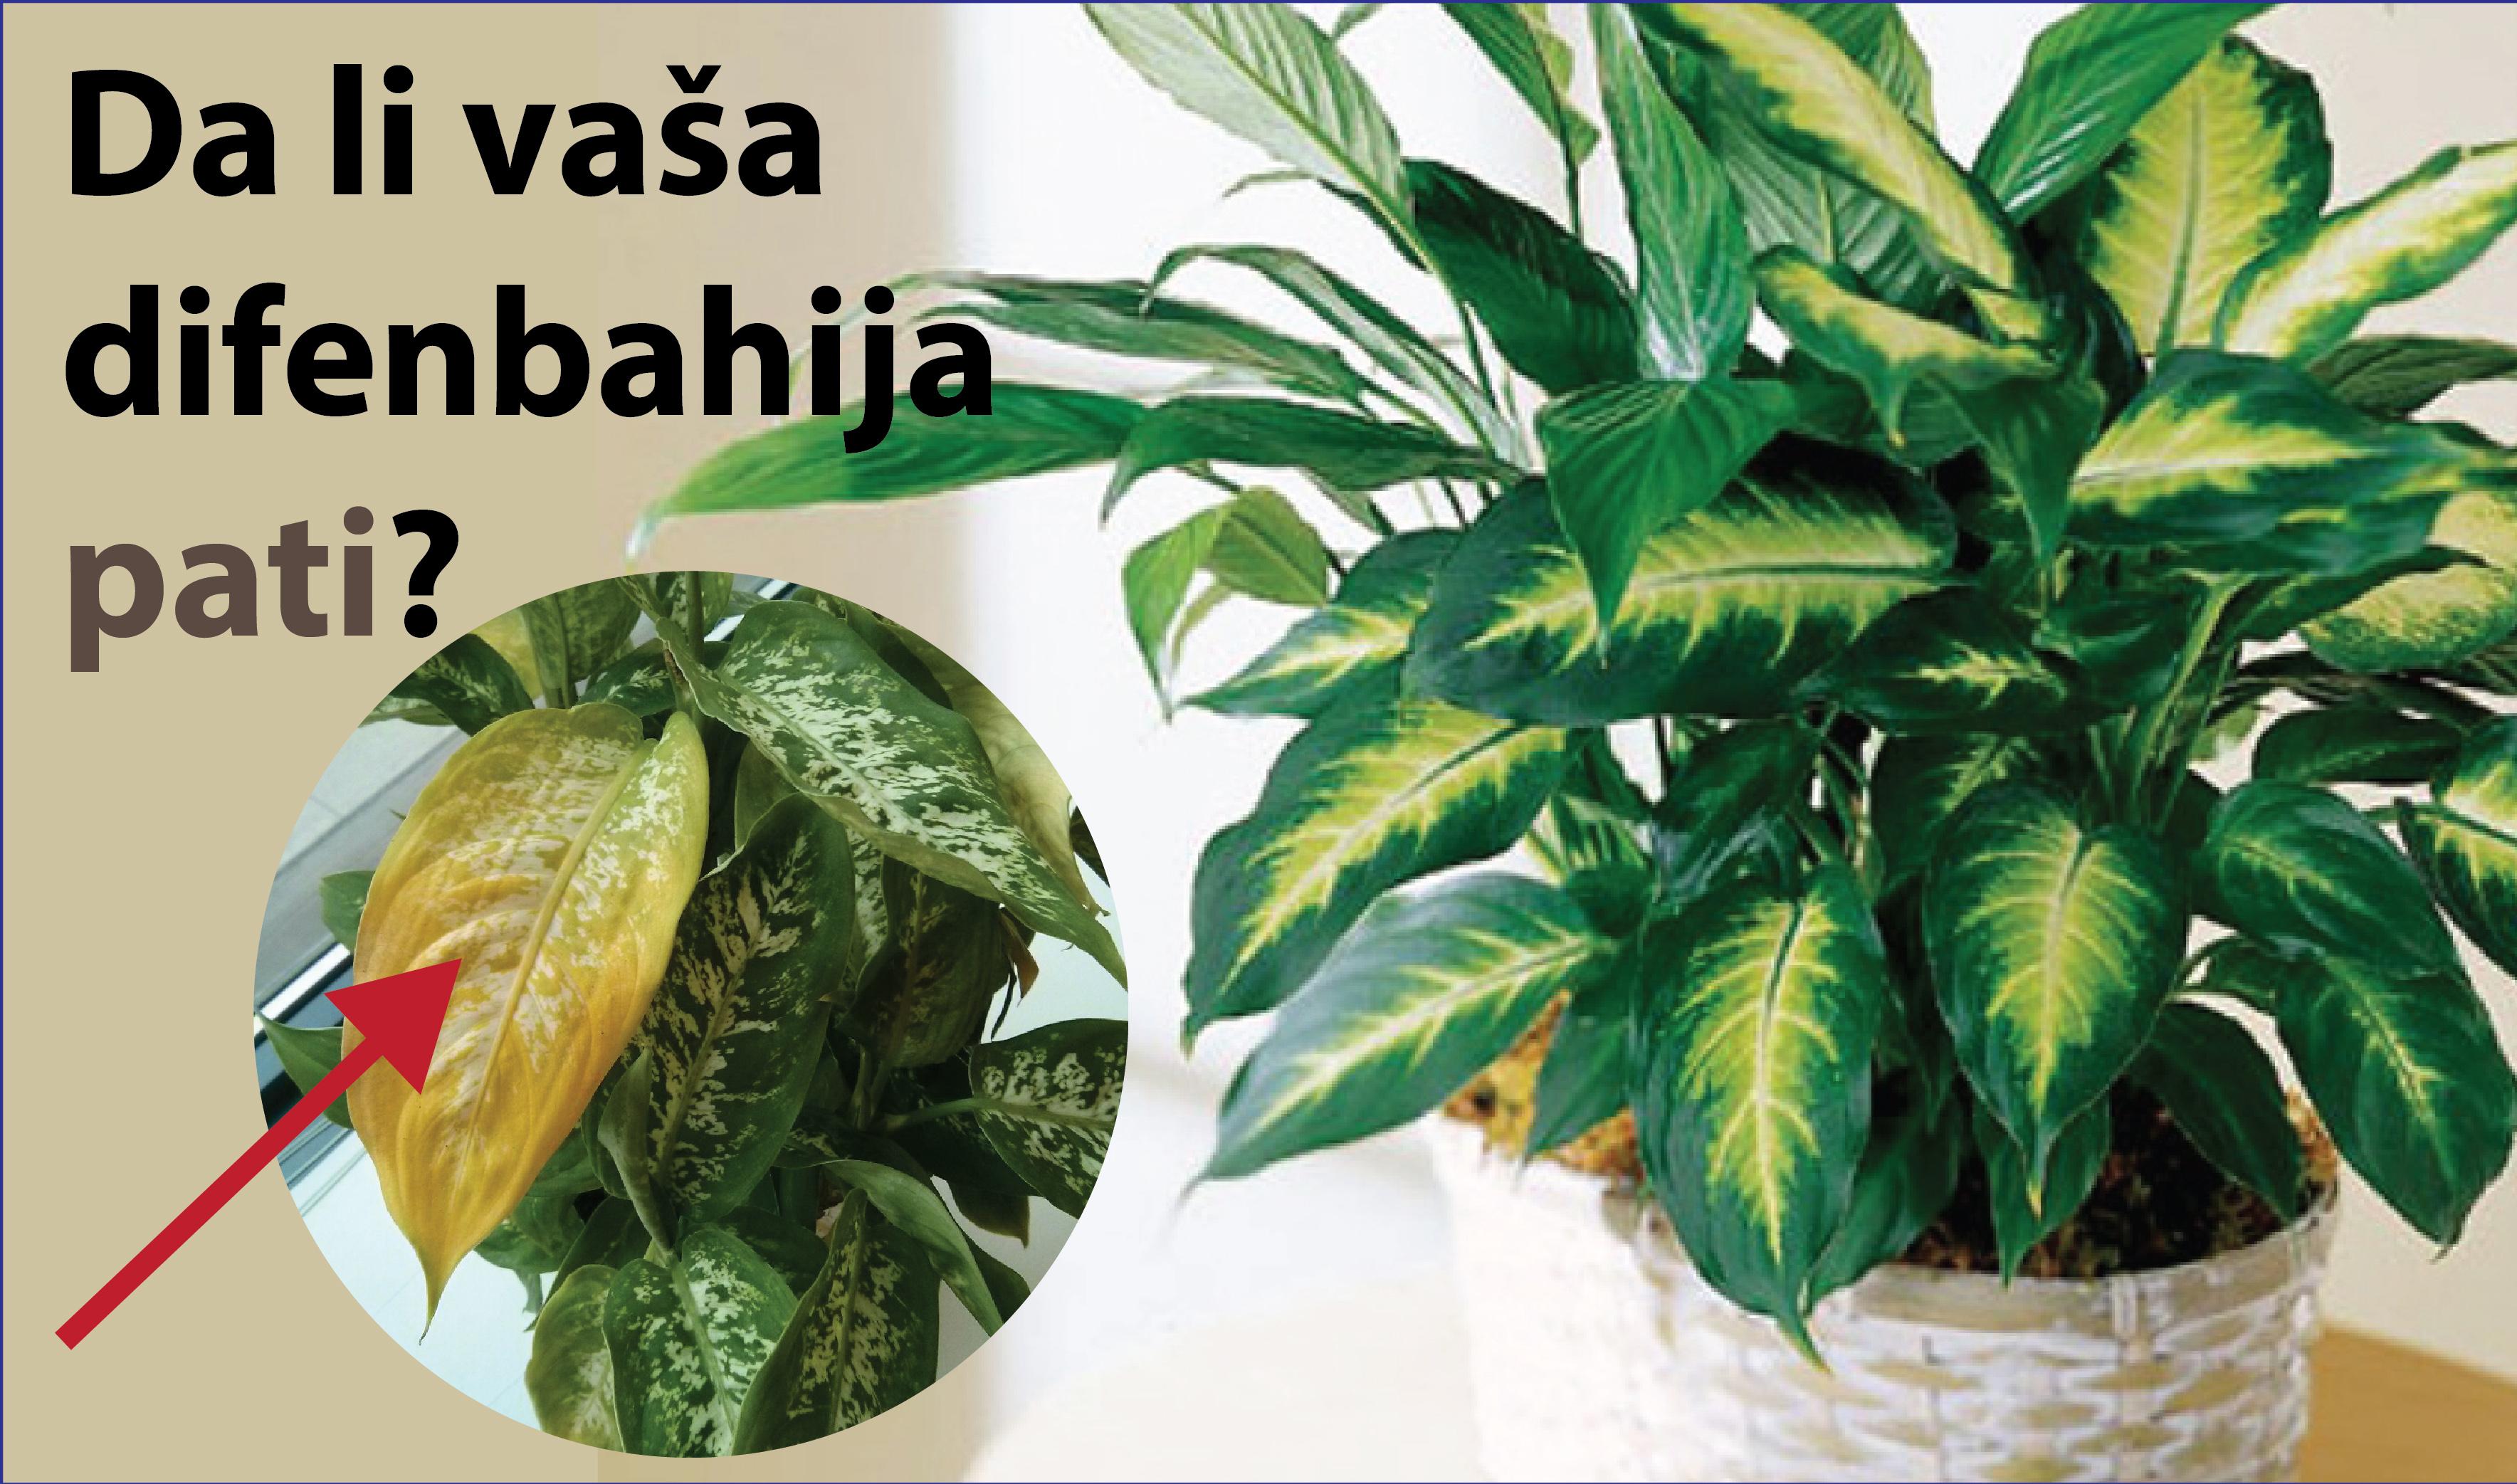 Gajenje difenbahije: Šta kada listovi požute?